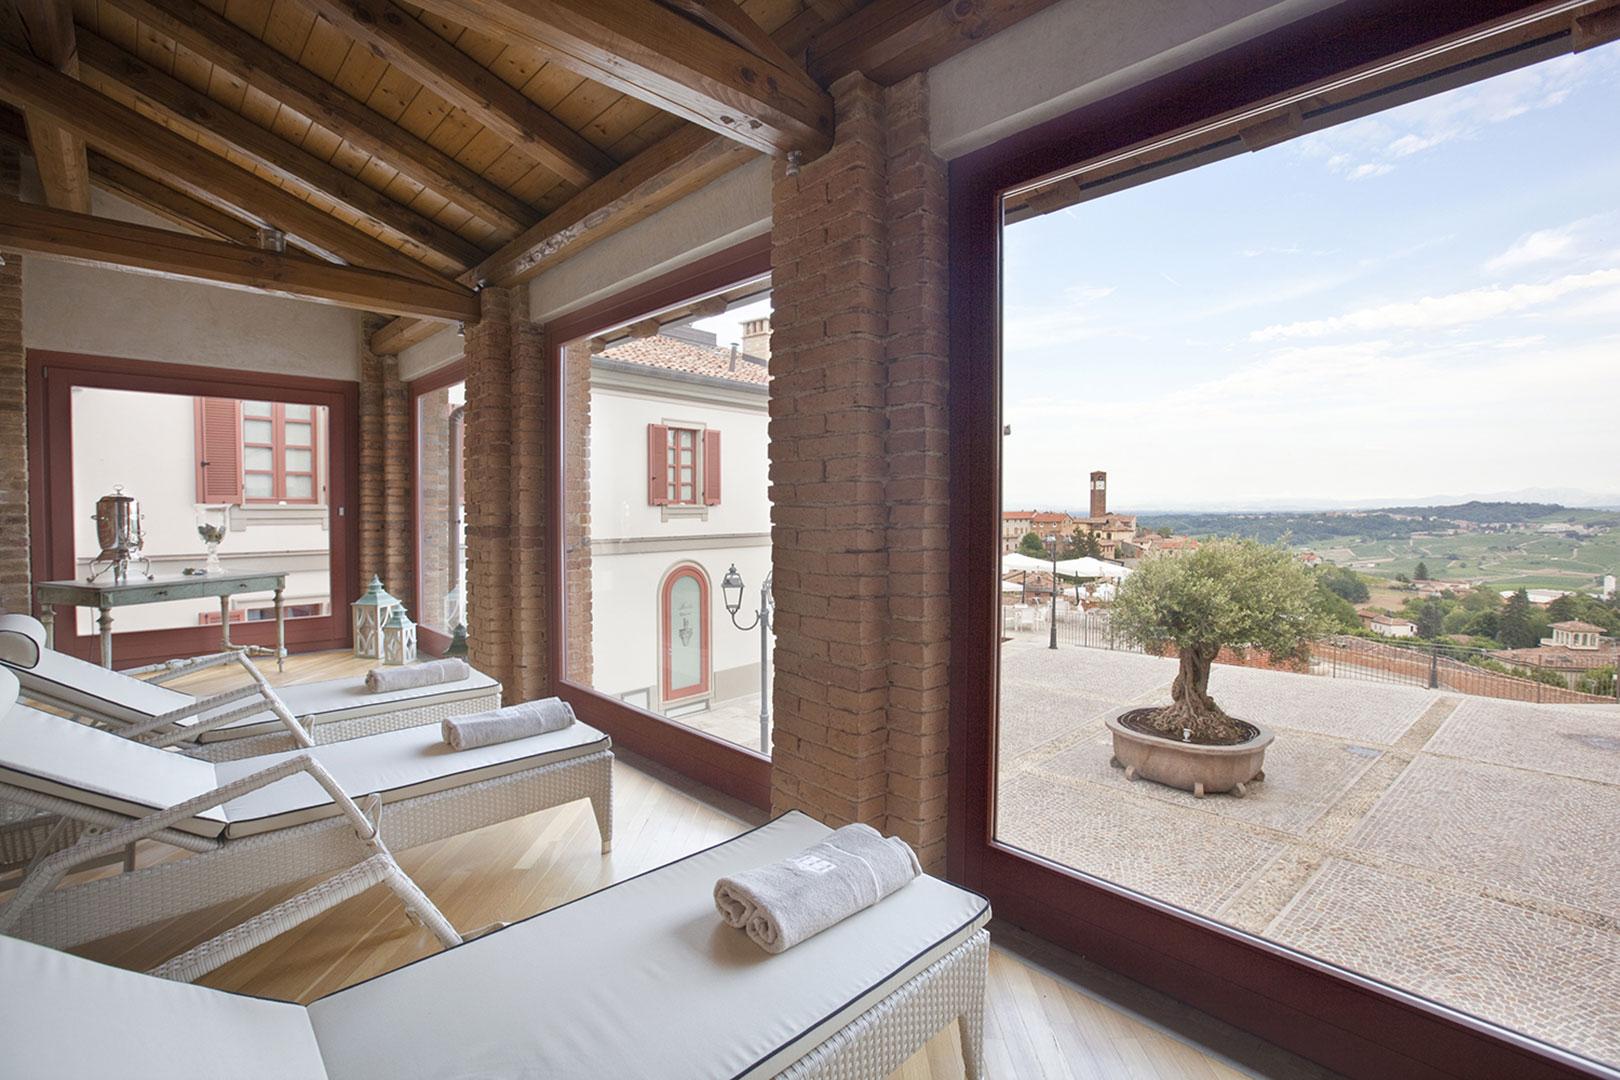 Grappa Berta, Relais Villa Prato, Hotel, Spa, Centro Benessere Berta, Grappaterapia